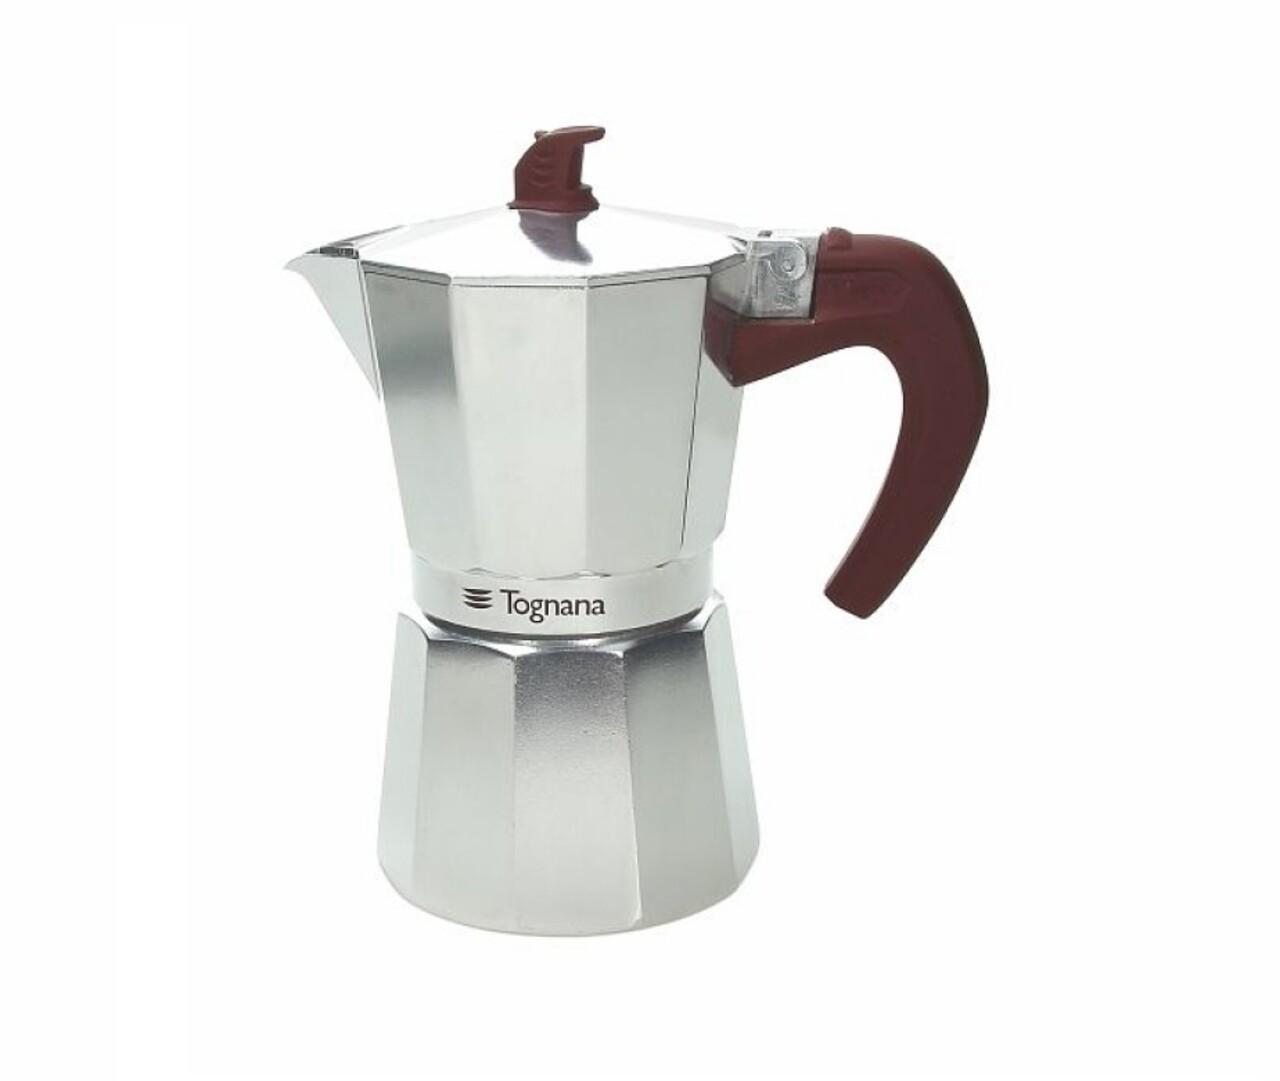 Cafetiera Grancucina Grey, Tognana, 6 cesti, 300 ml, aluminiu/silicon/plastic, argintiu